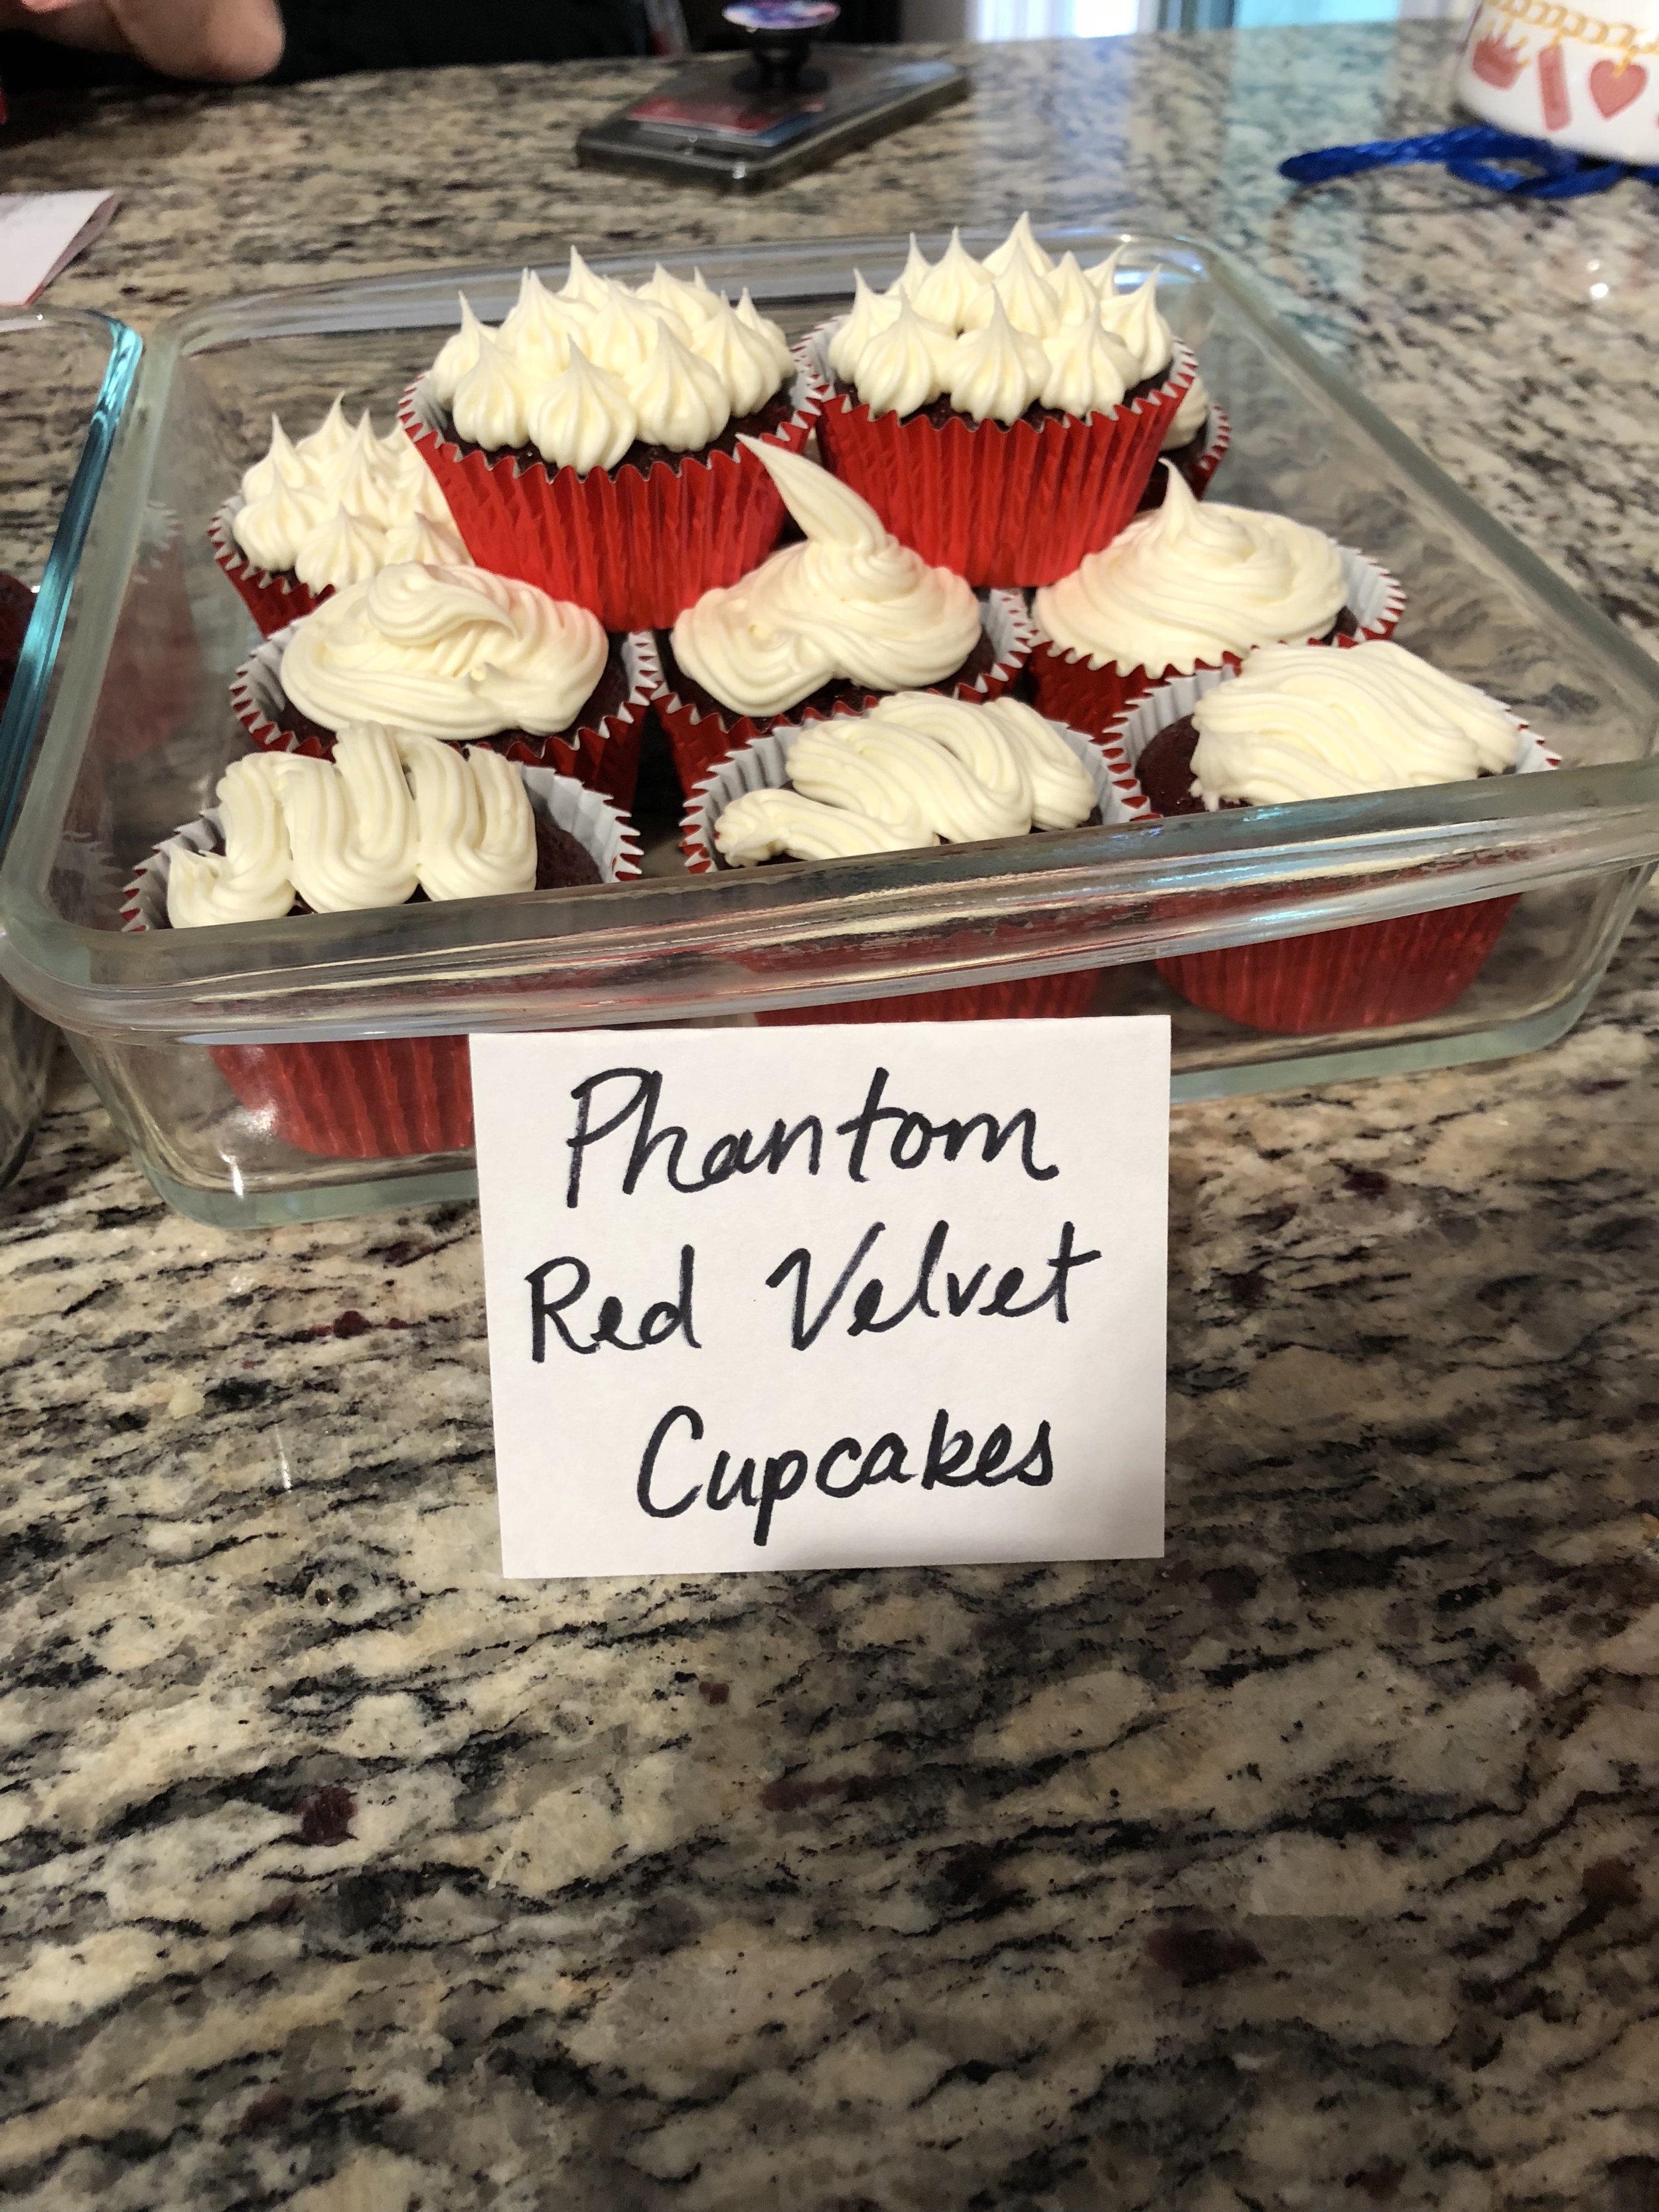 Phantom Red Velvet Cupcakes.jpg